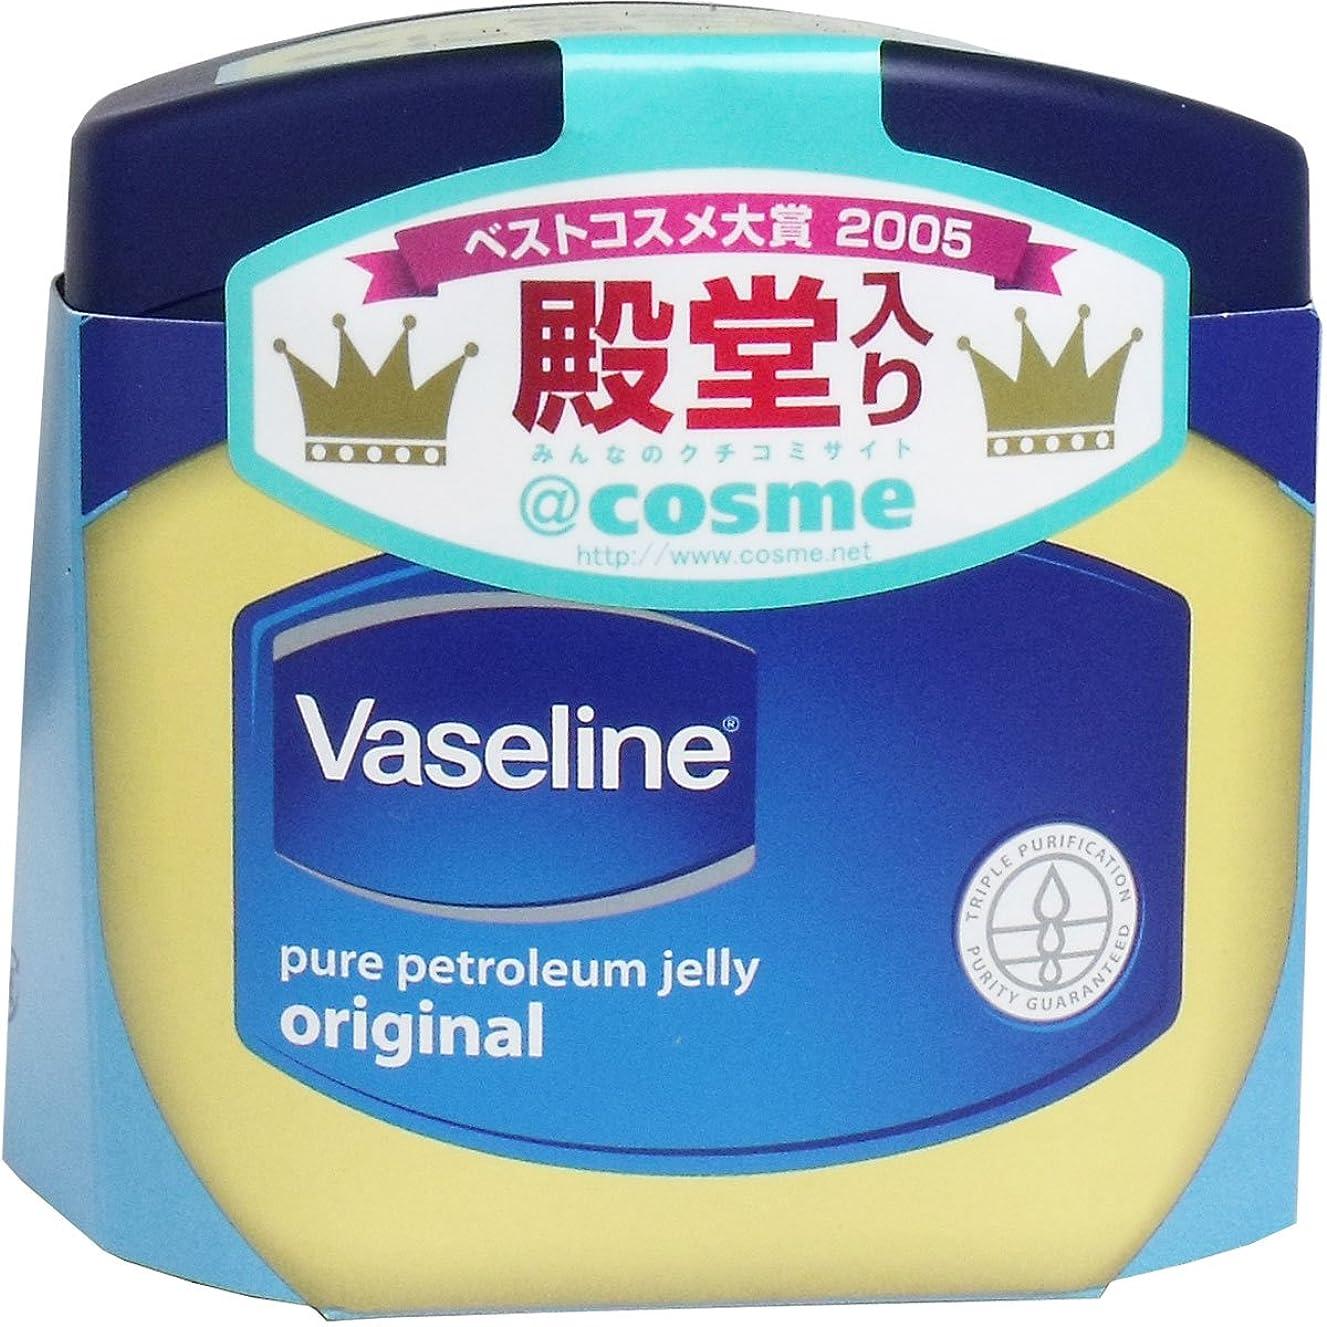 熱心な代わりにを立てる豊かにする【Vaseline】ヴァセリン ピュアスキンジェリー (スキンオイル) 200g ×5個セット